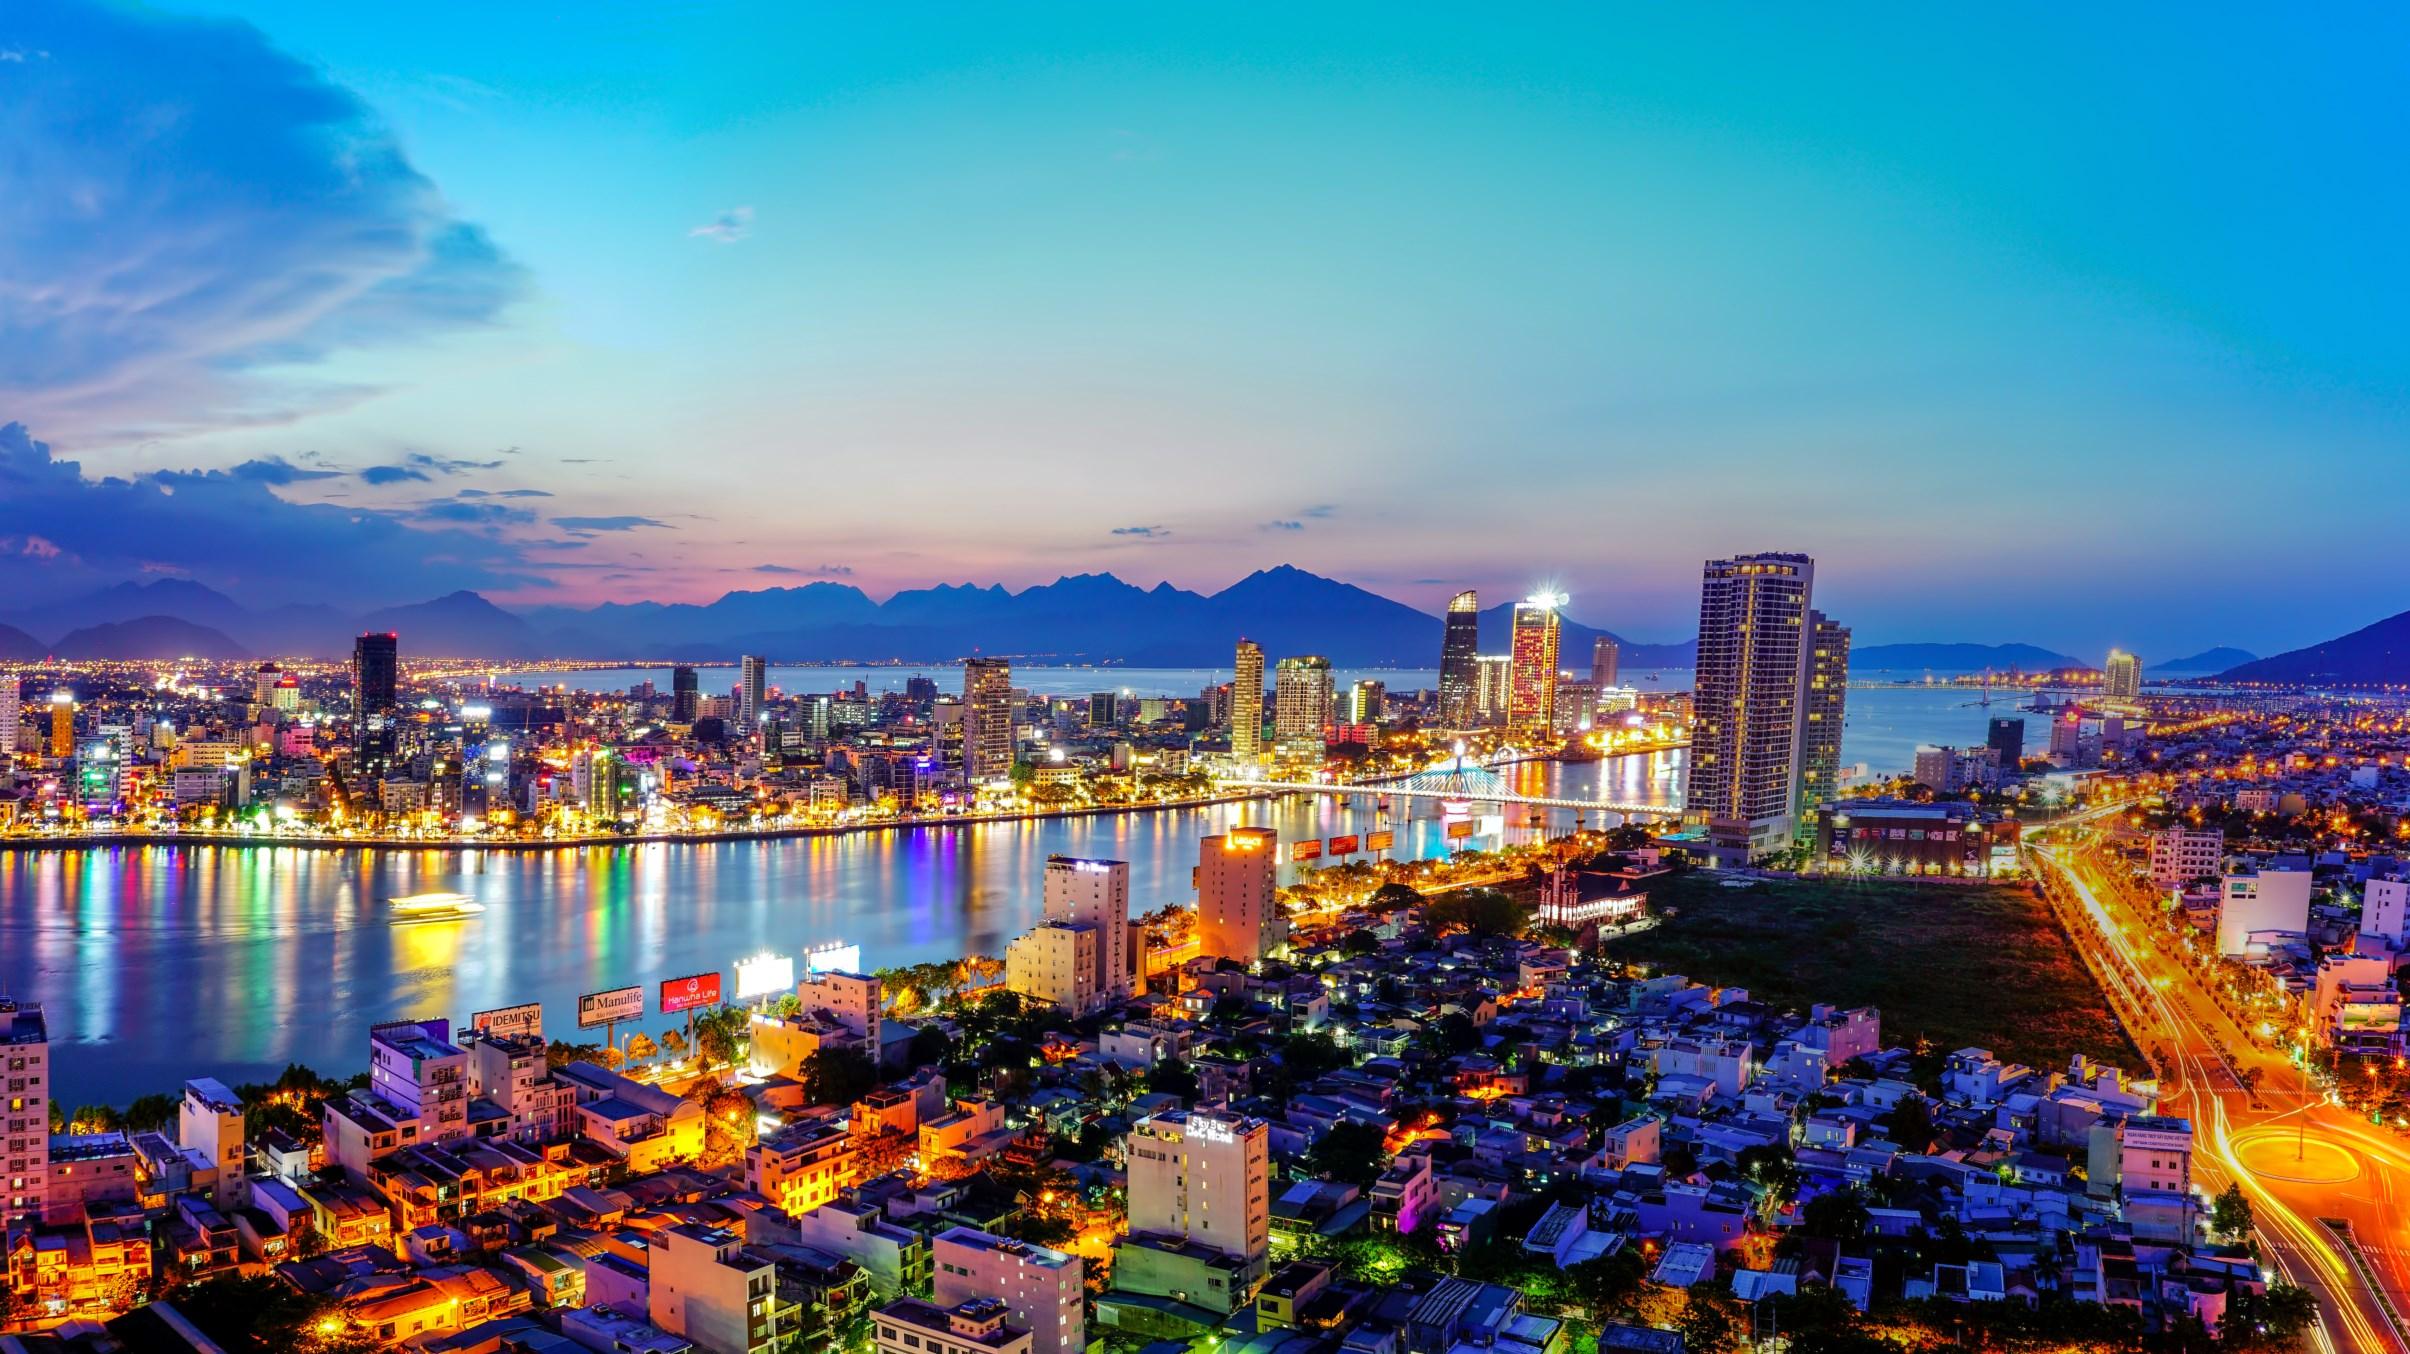 Vì sao Đà Nẵng chọn phát triển mạnh về phía Đông Nam  - Ảnh 1